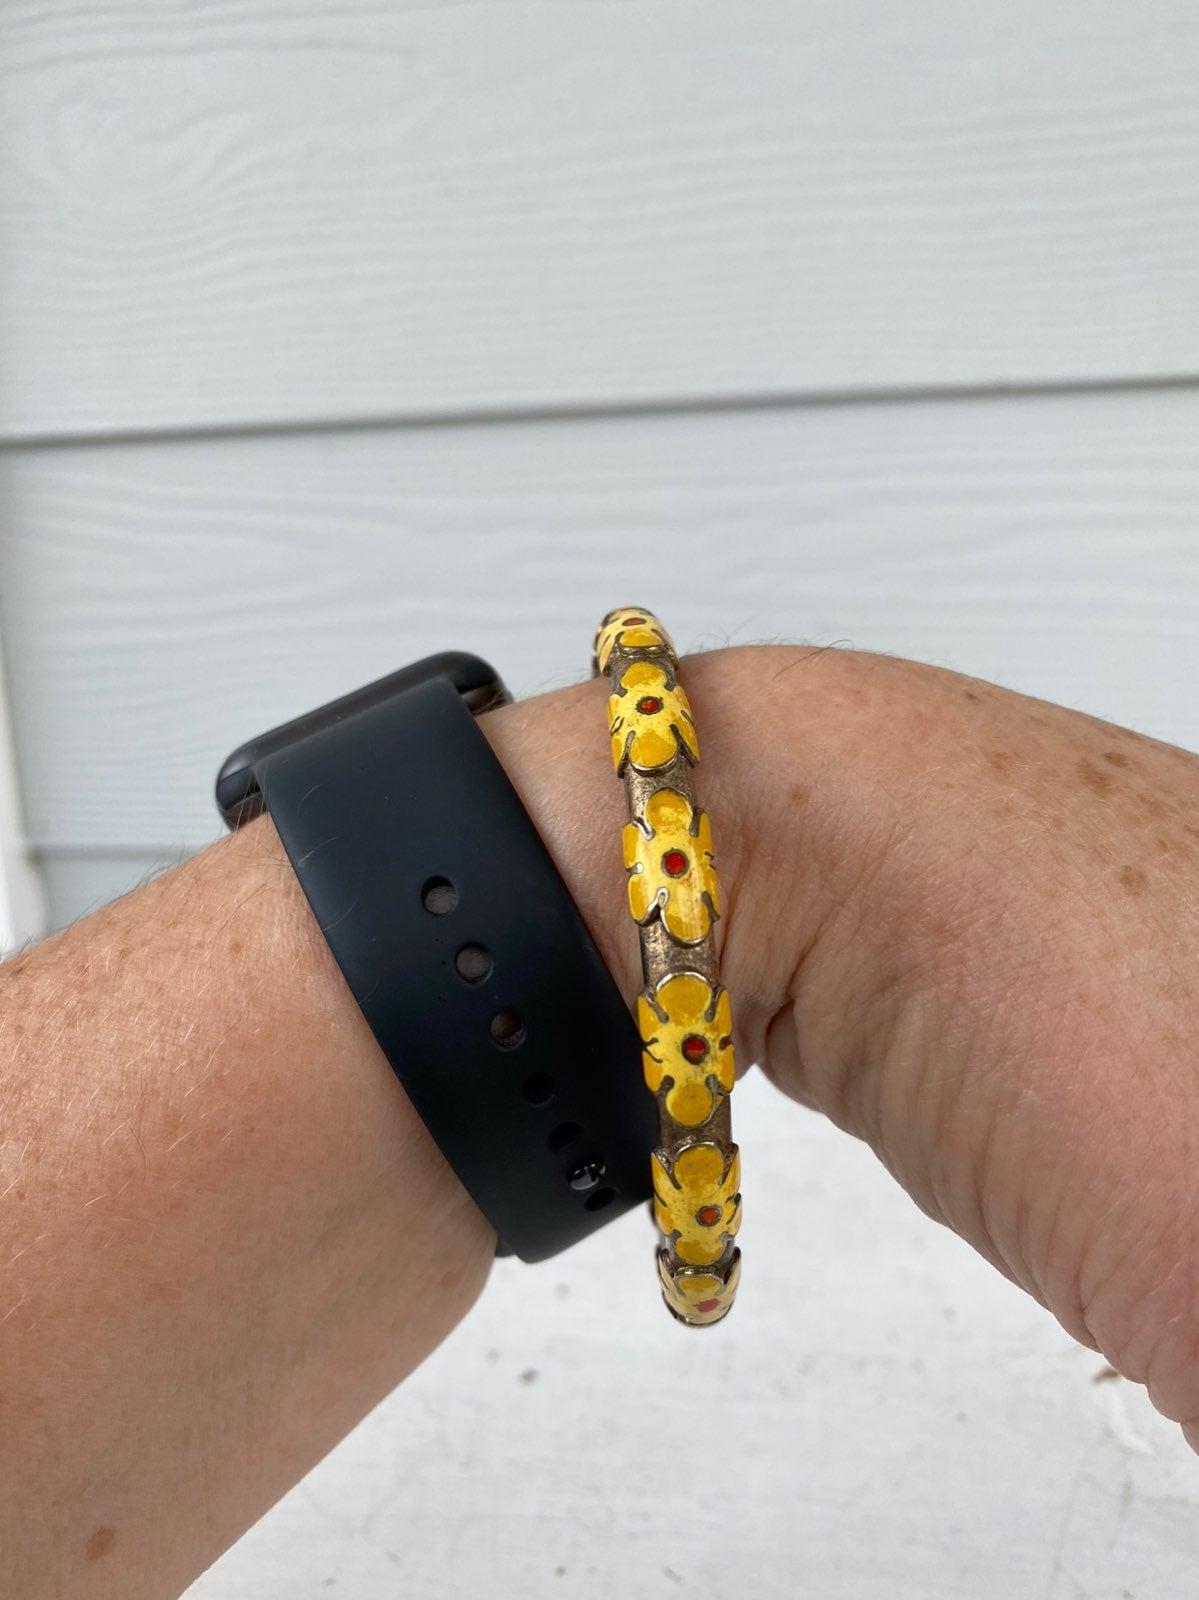 Vintage floral enamel bangle bracelet